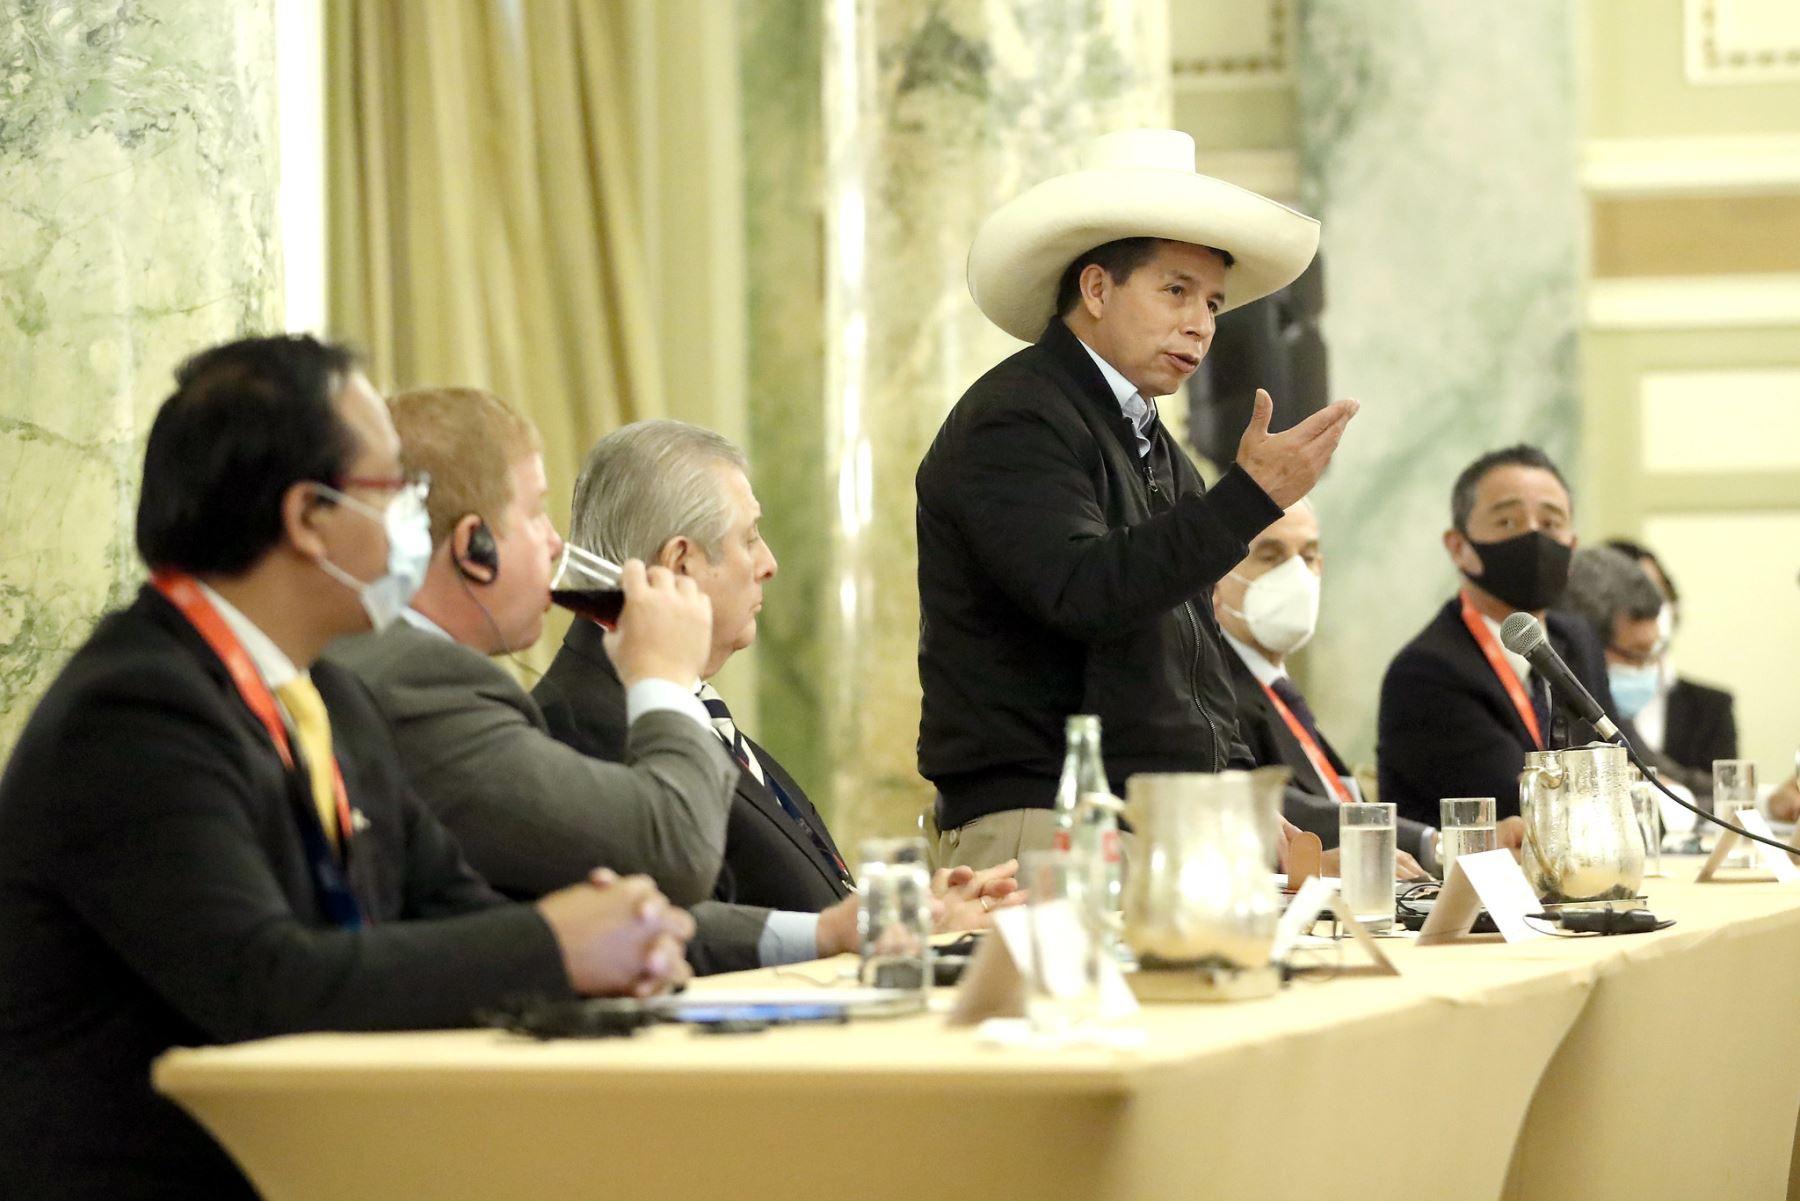 El presidente Pedro Castillo se reúne con empresarios de la Cámara de Comercio de Estados Unidos. Foto: ANDINA/ Prensa Presidencia